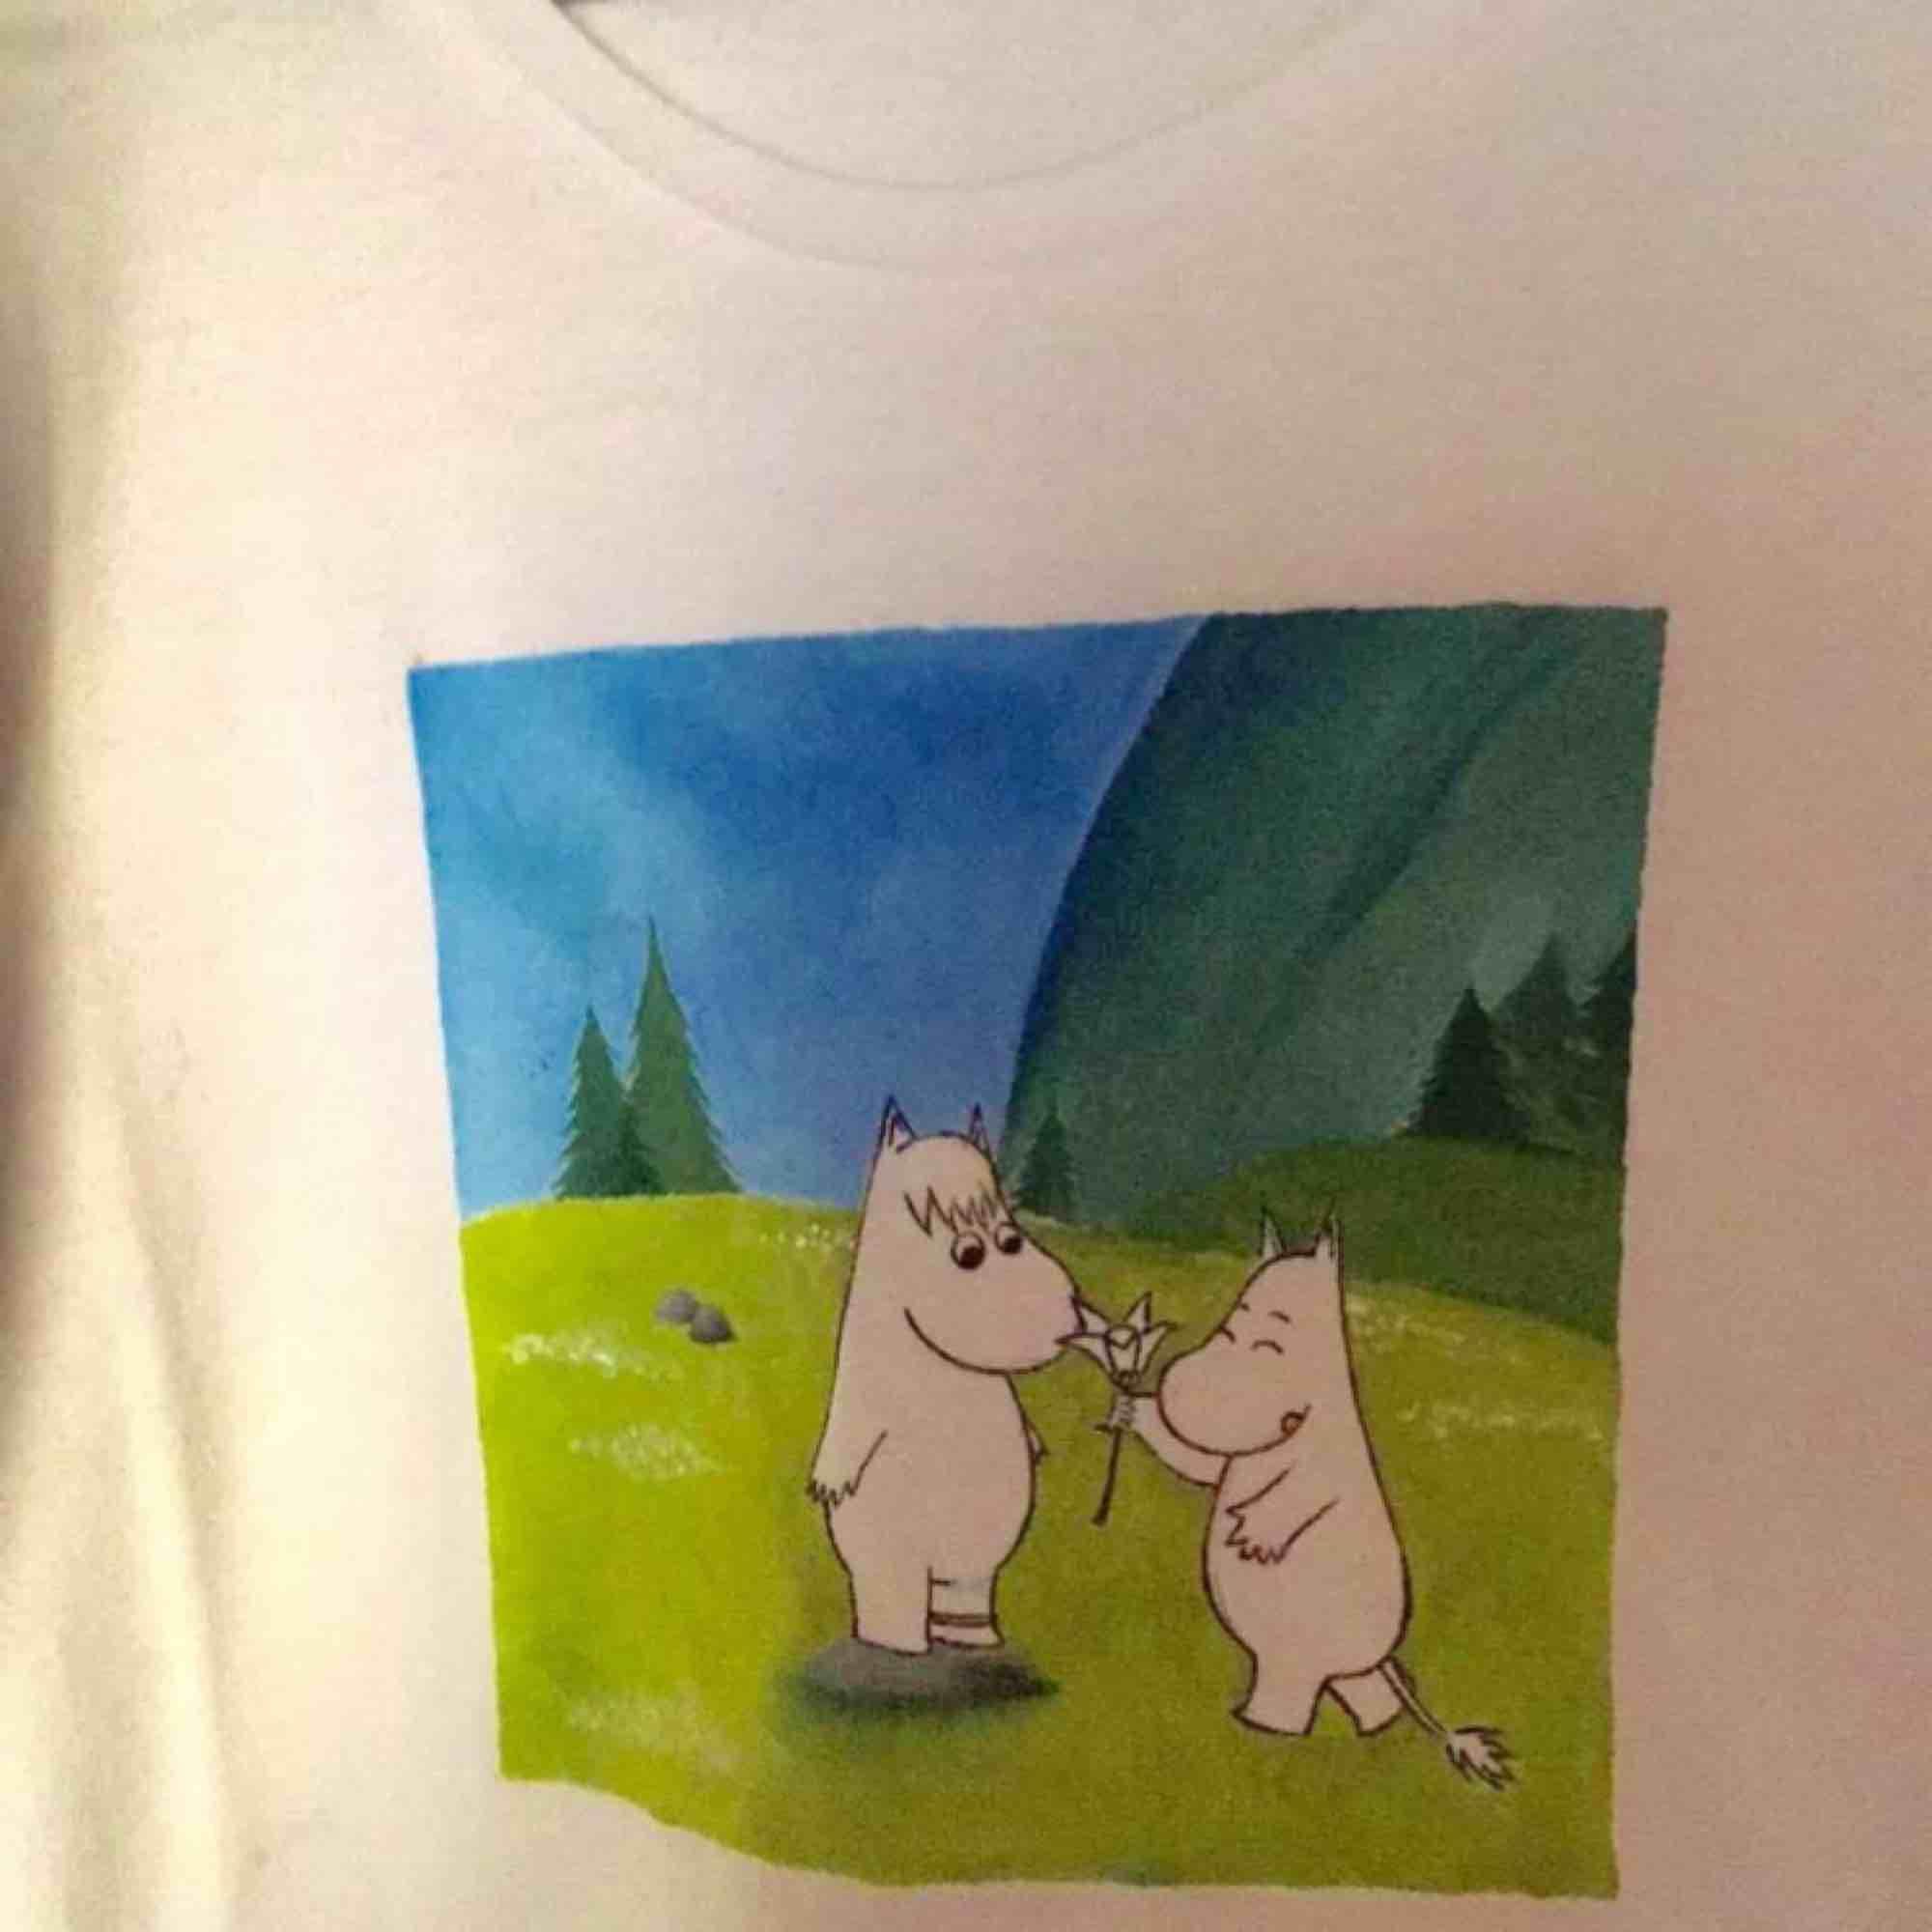 Hejhej jag säljer egenmålade tröjor❤️ Det här är några av beställningarna jag gjort tidigare. De går att tvätta i 40 grader. Har storlek XS-XL och pris varierar 200-300 beroende vad du vill ha. Du kan bestämma motiv själv eller låta mig göra ett motiv❤️❤️. T-shirts.